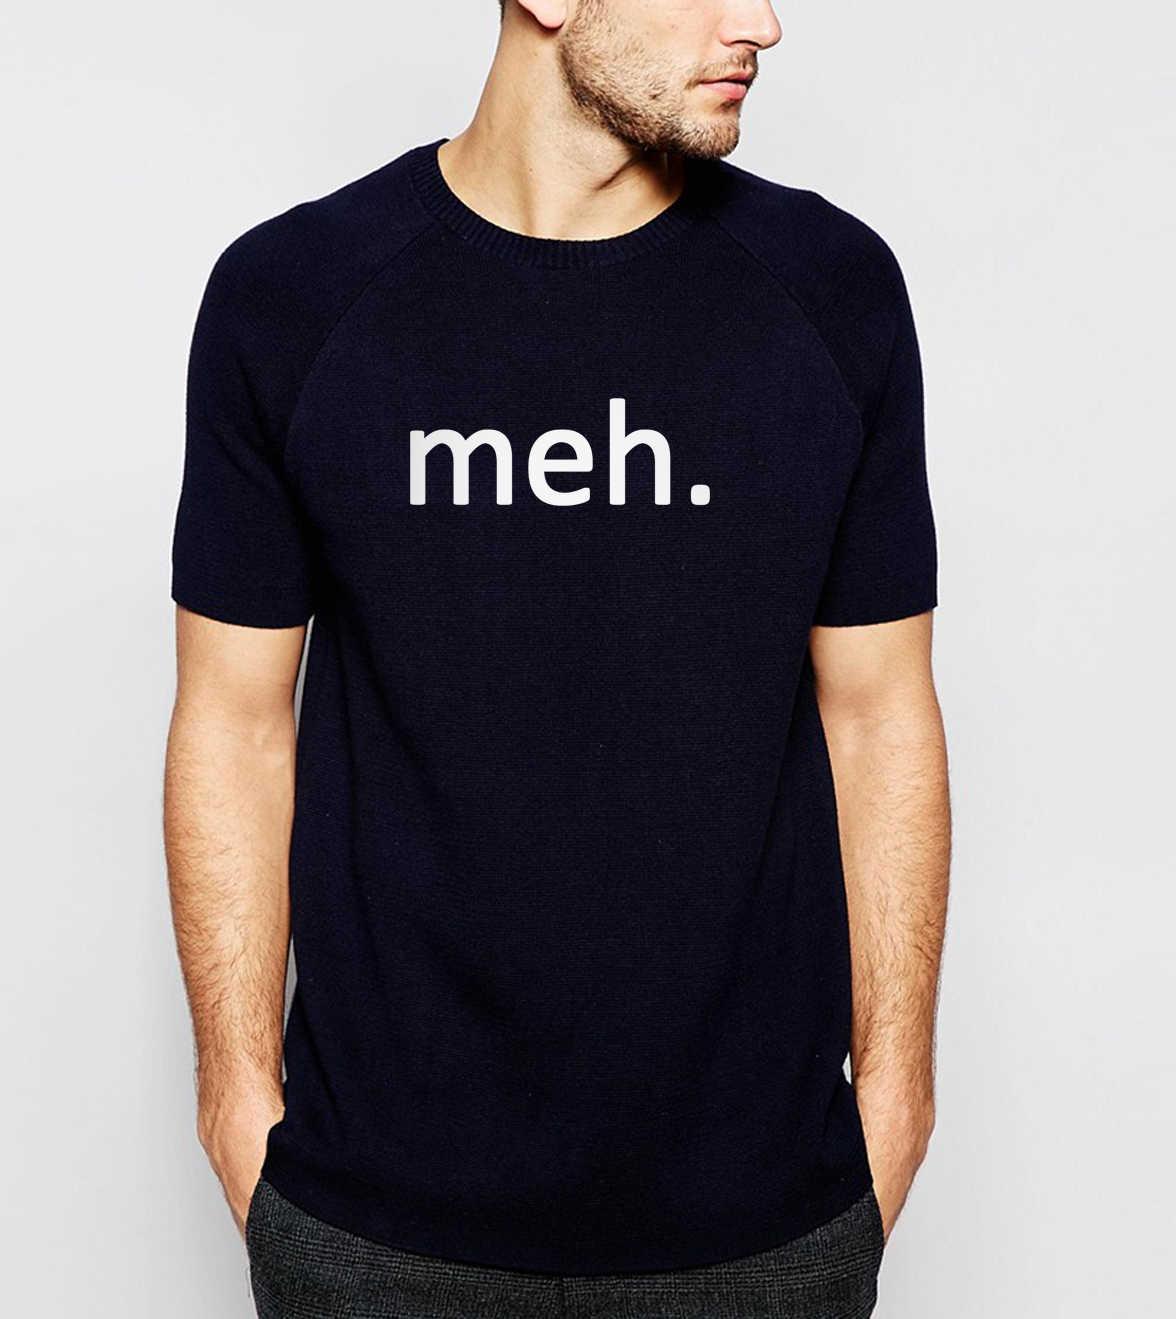 뜨거운 판매 2019 여름 meh 인터넷 괴짜 괴상한 재미 있은 남자 t 셔츠 캐주얼 hipster 100% 코 튼 고품질 streetwear 셔츠 S-3XL